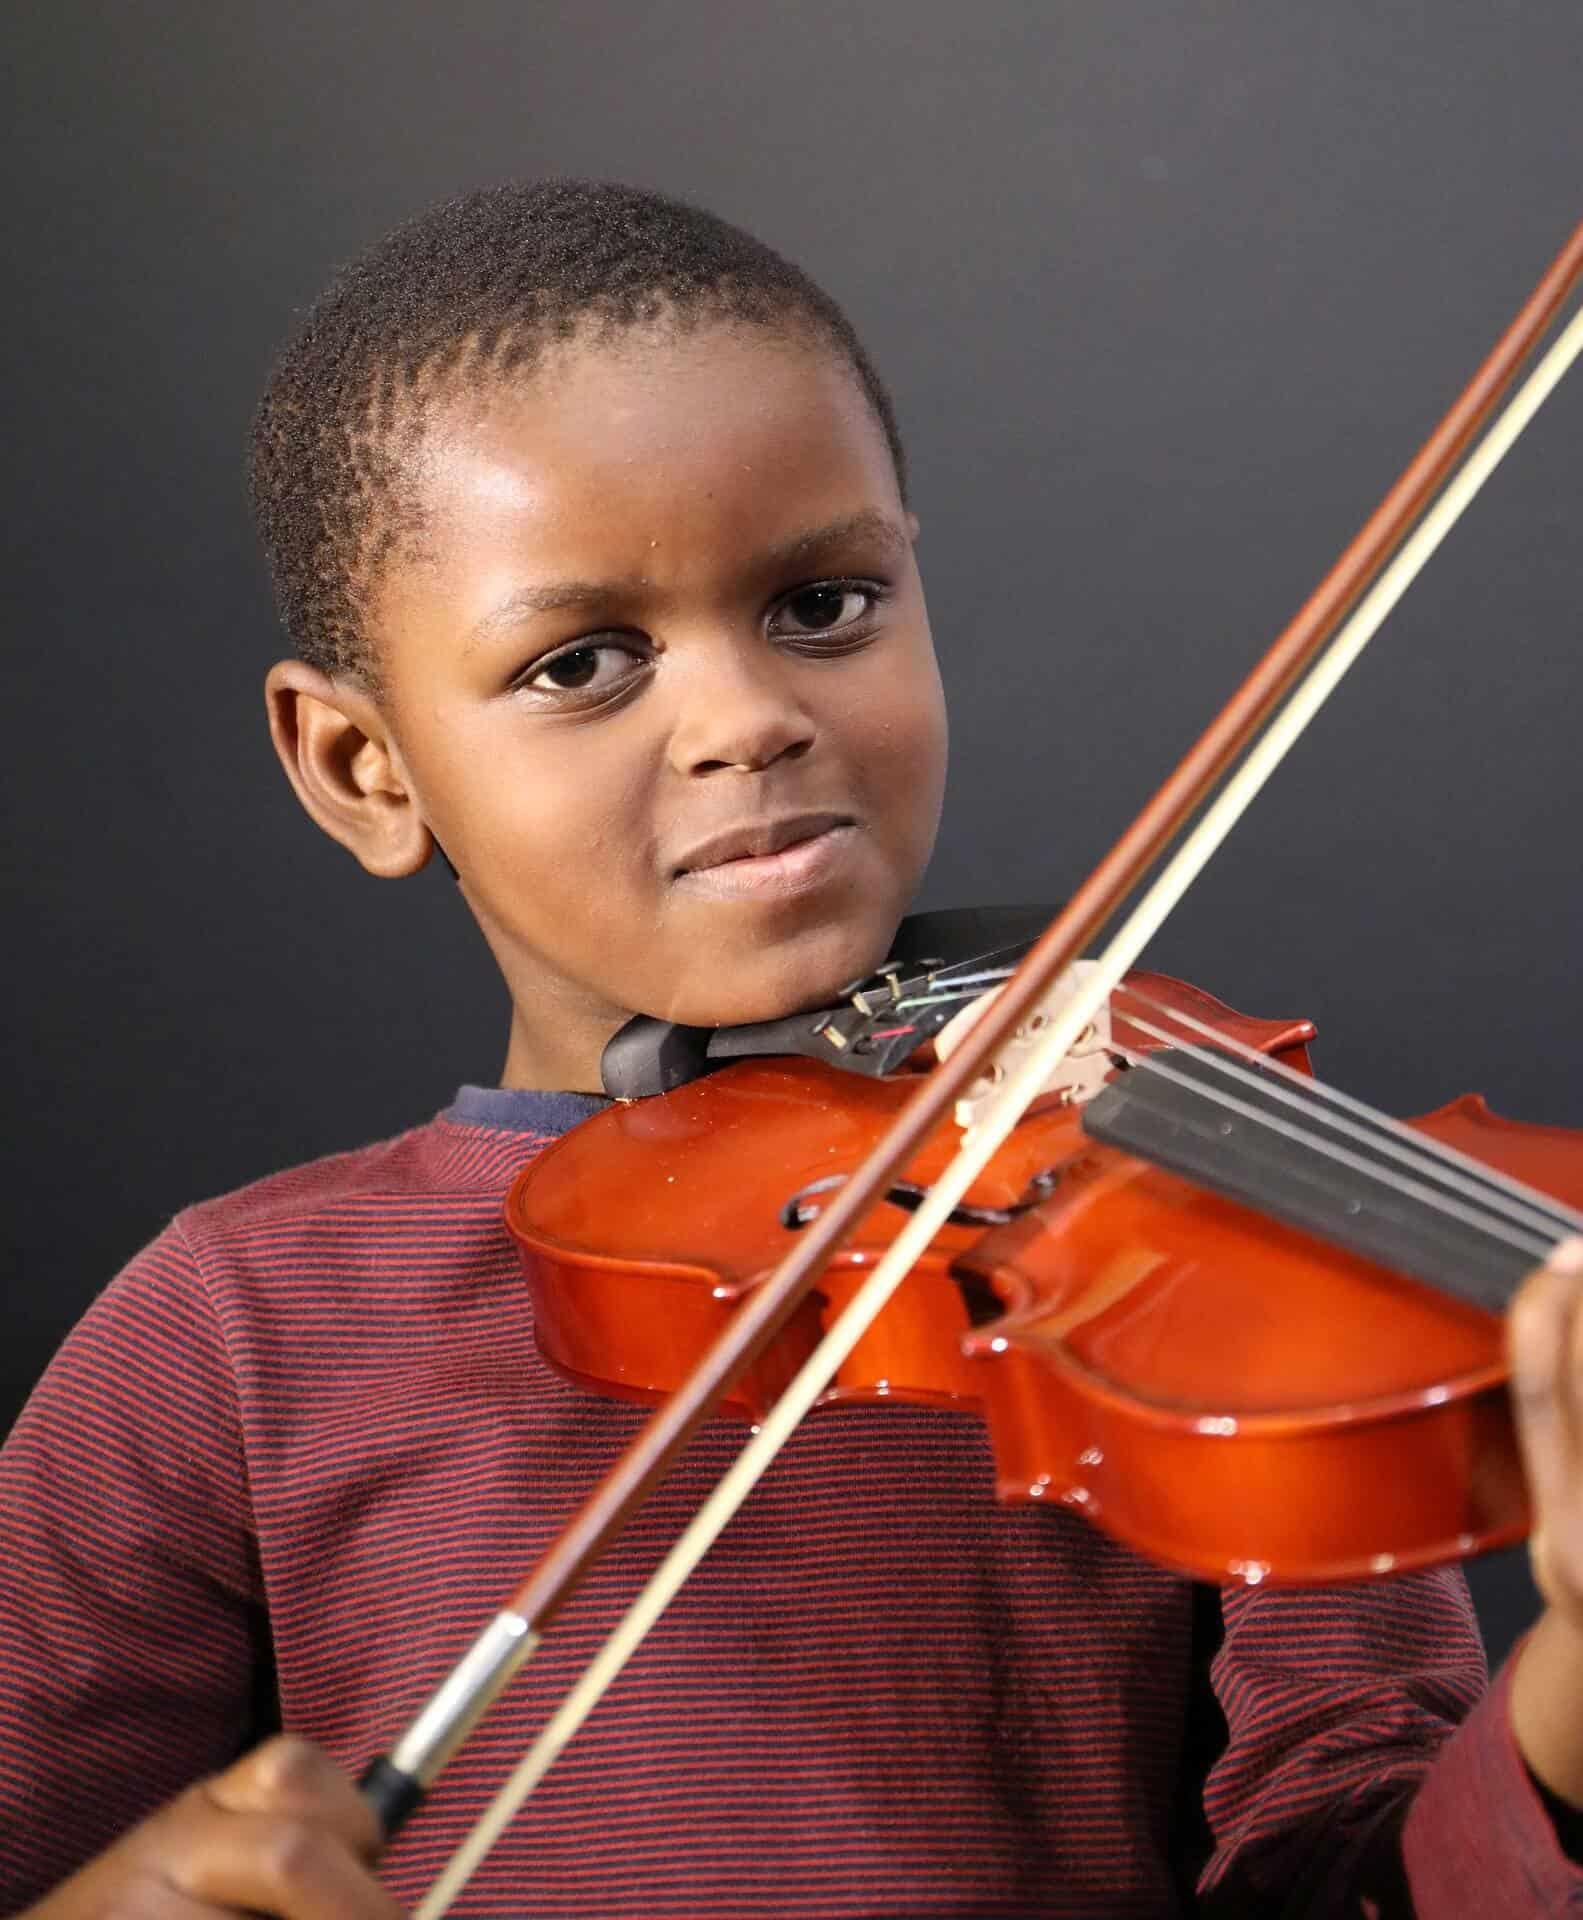 כינור למתחילים - מדריך לבחירה - כינור מותאם נכון לגודלו של הילד